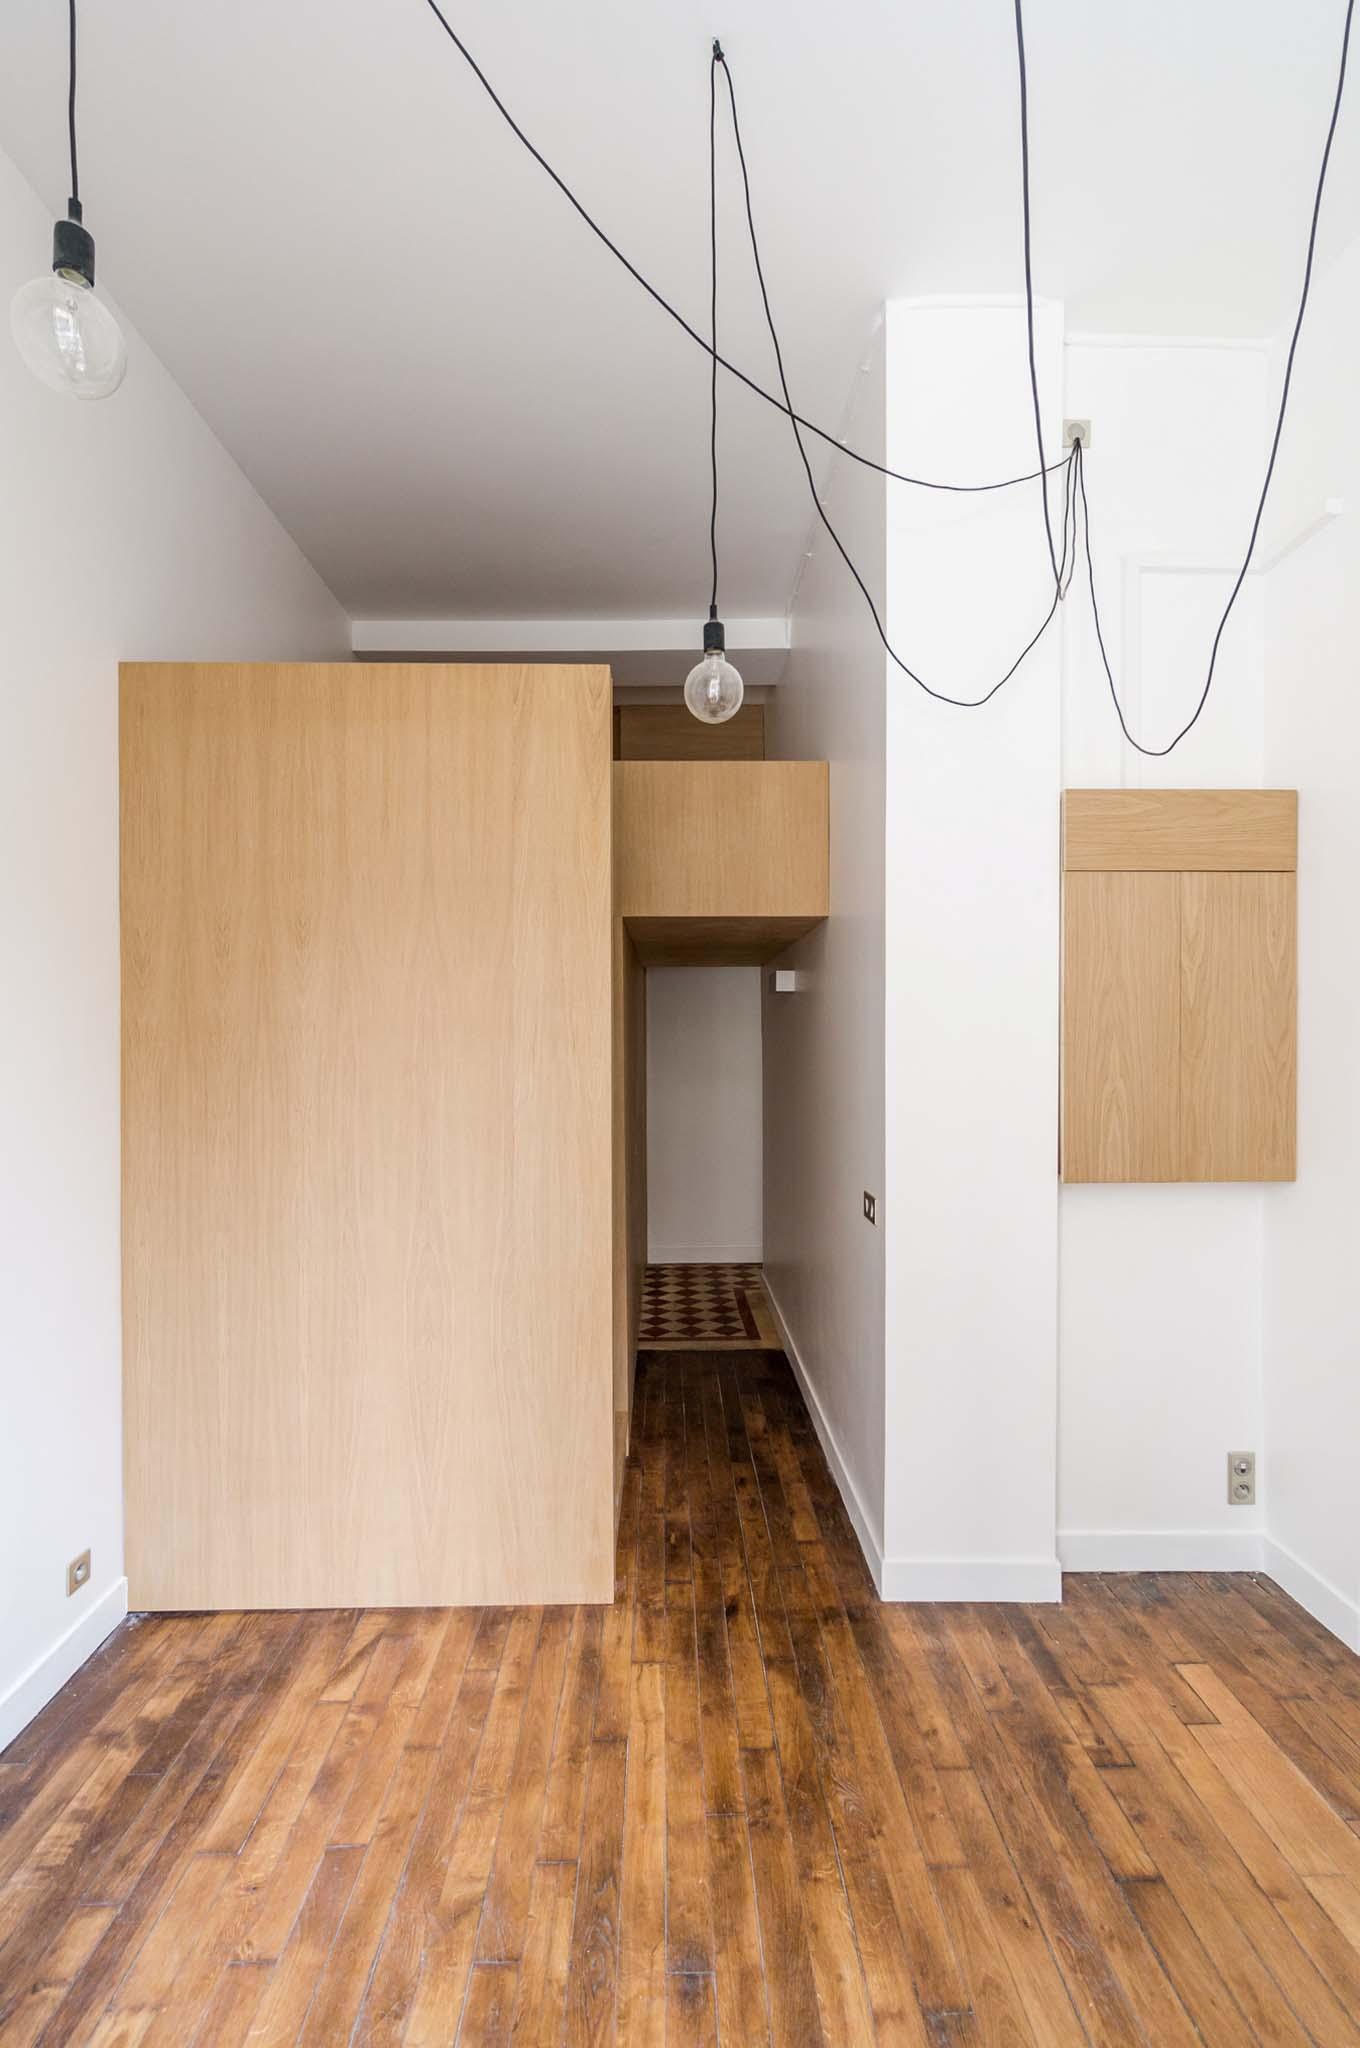 abdpa transformation d une loge de concierge paris. Black Bedroom Furniture Sets. Home Design Ideas